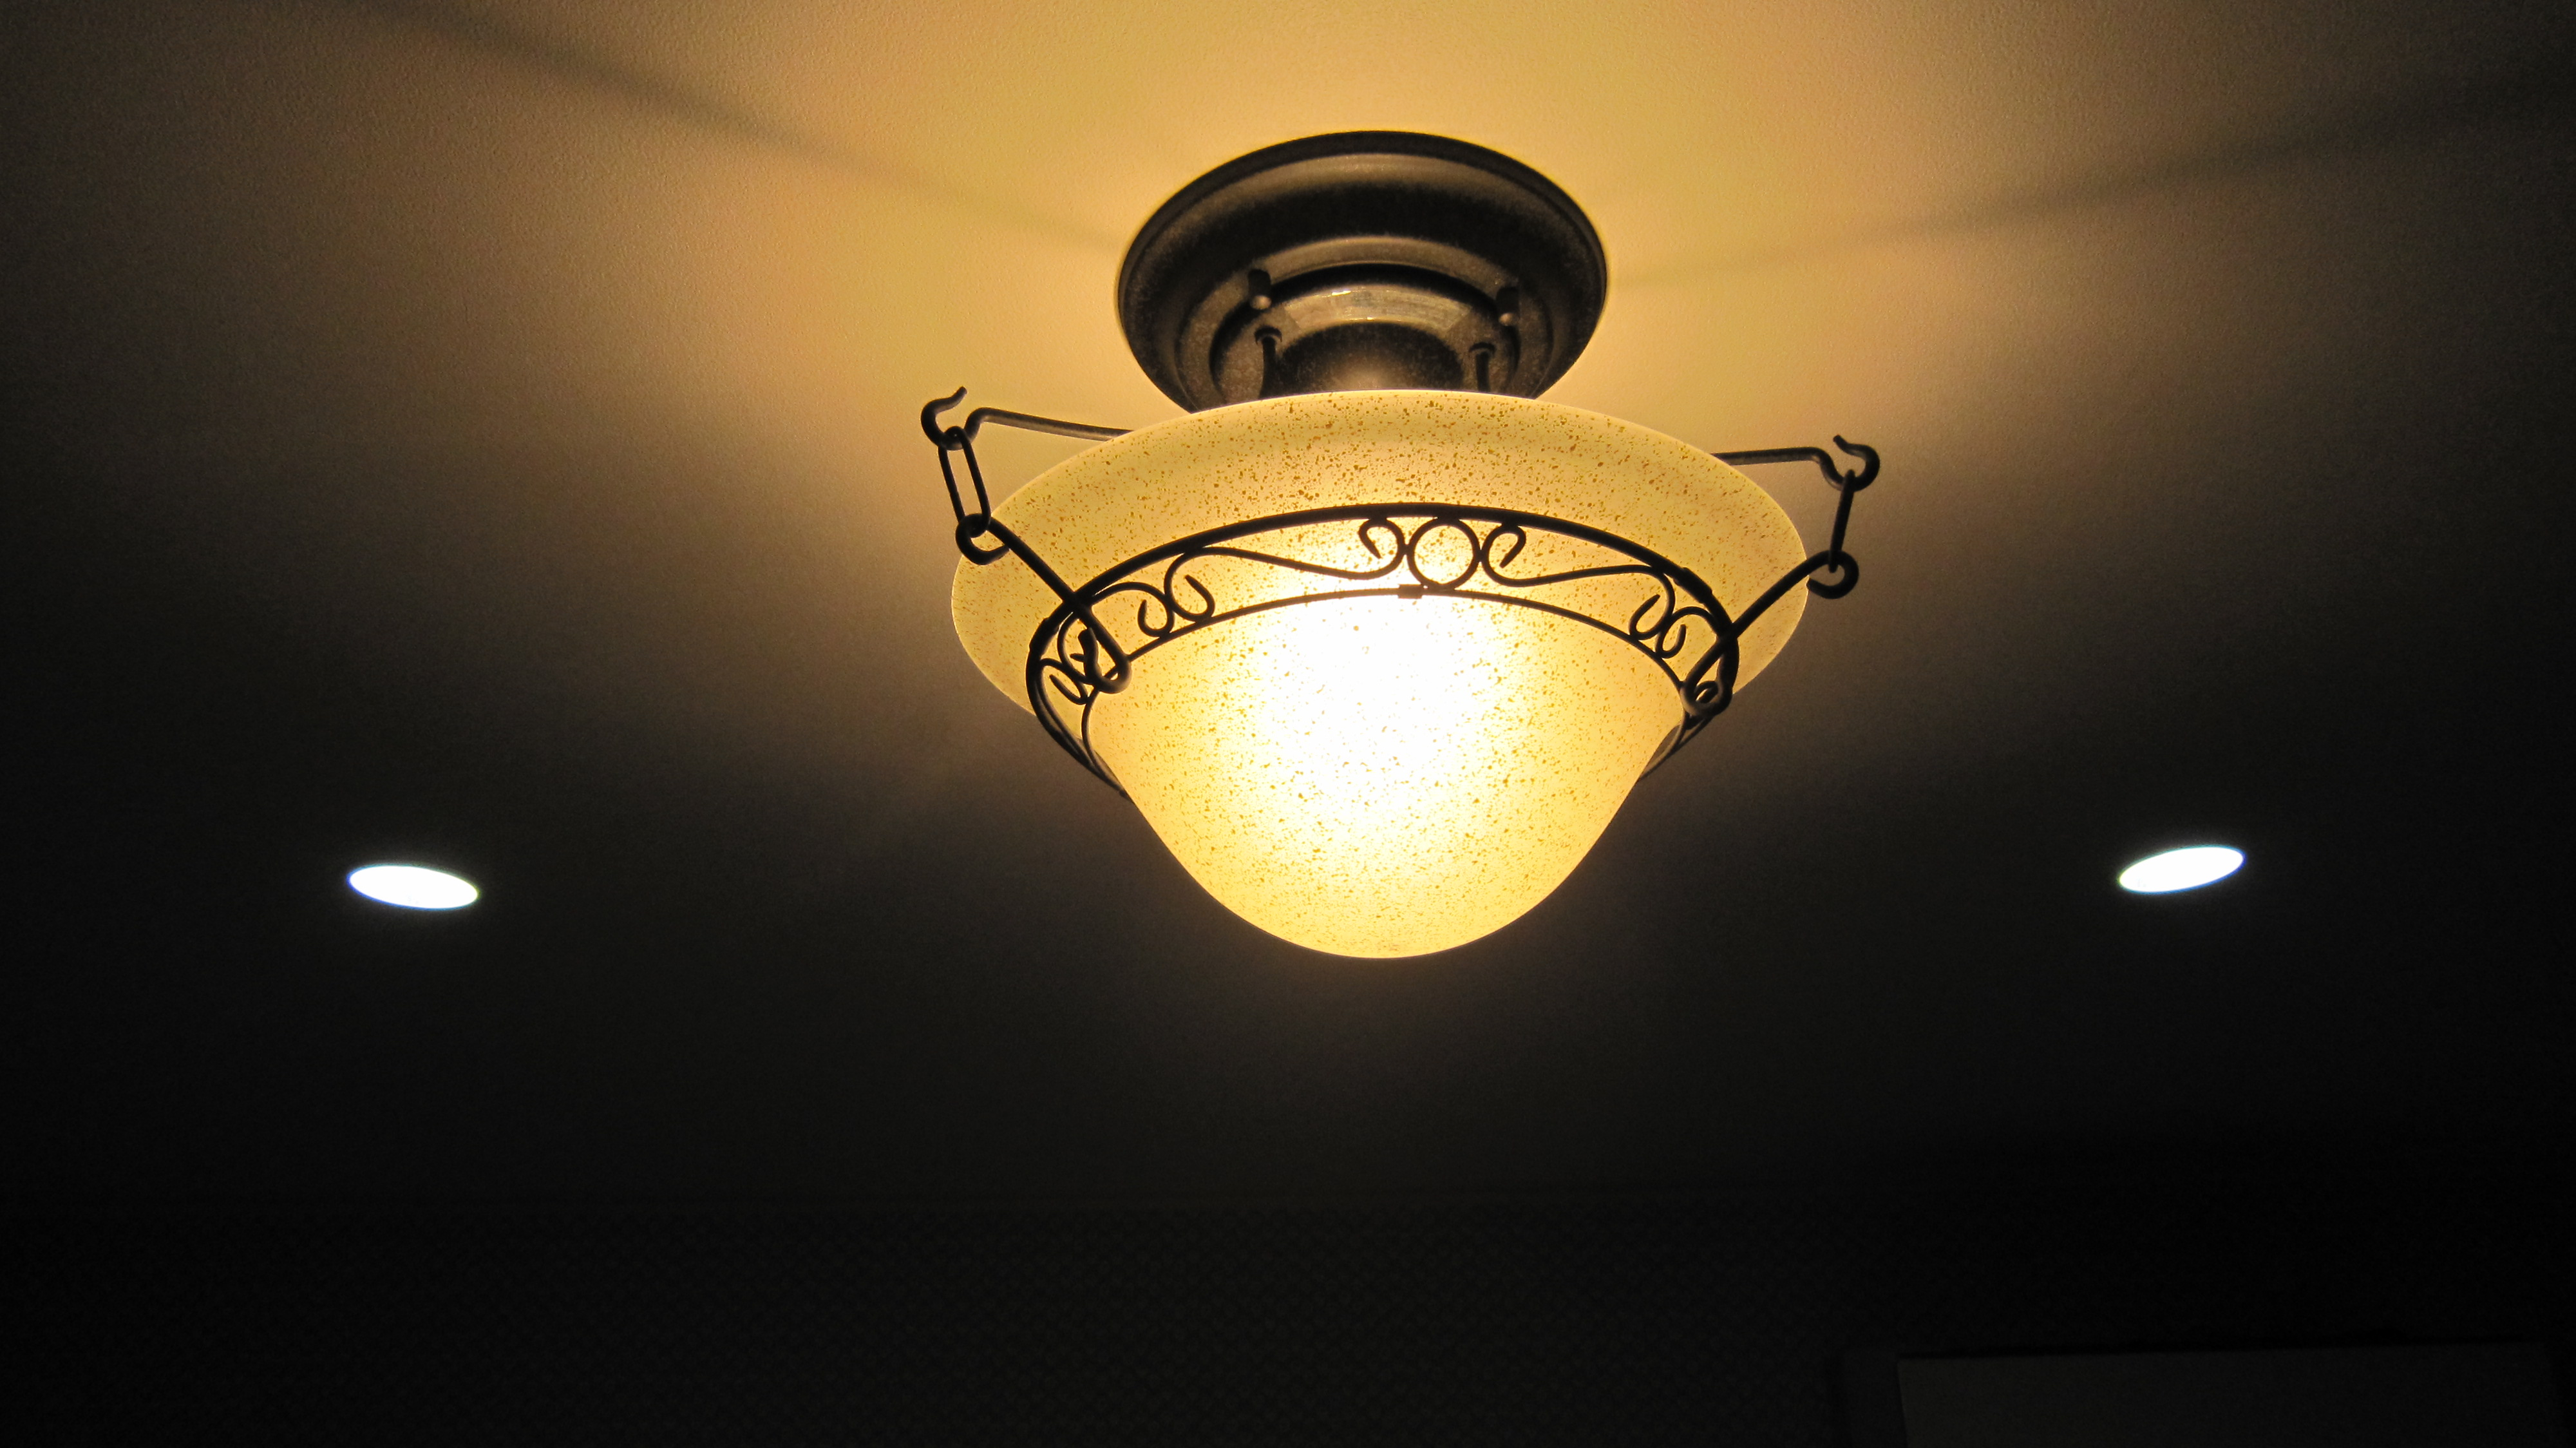 アンティークな照明が、心を癒す空間を演出しています。